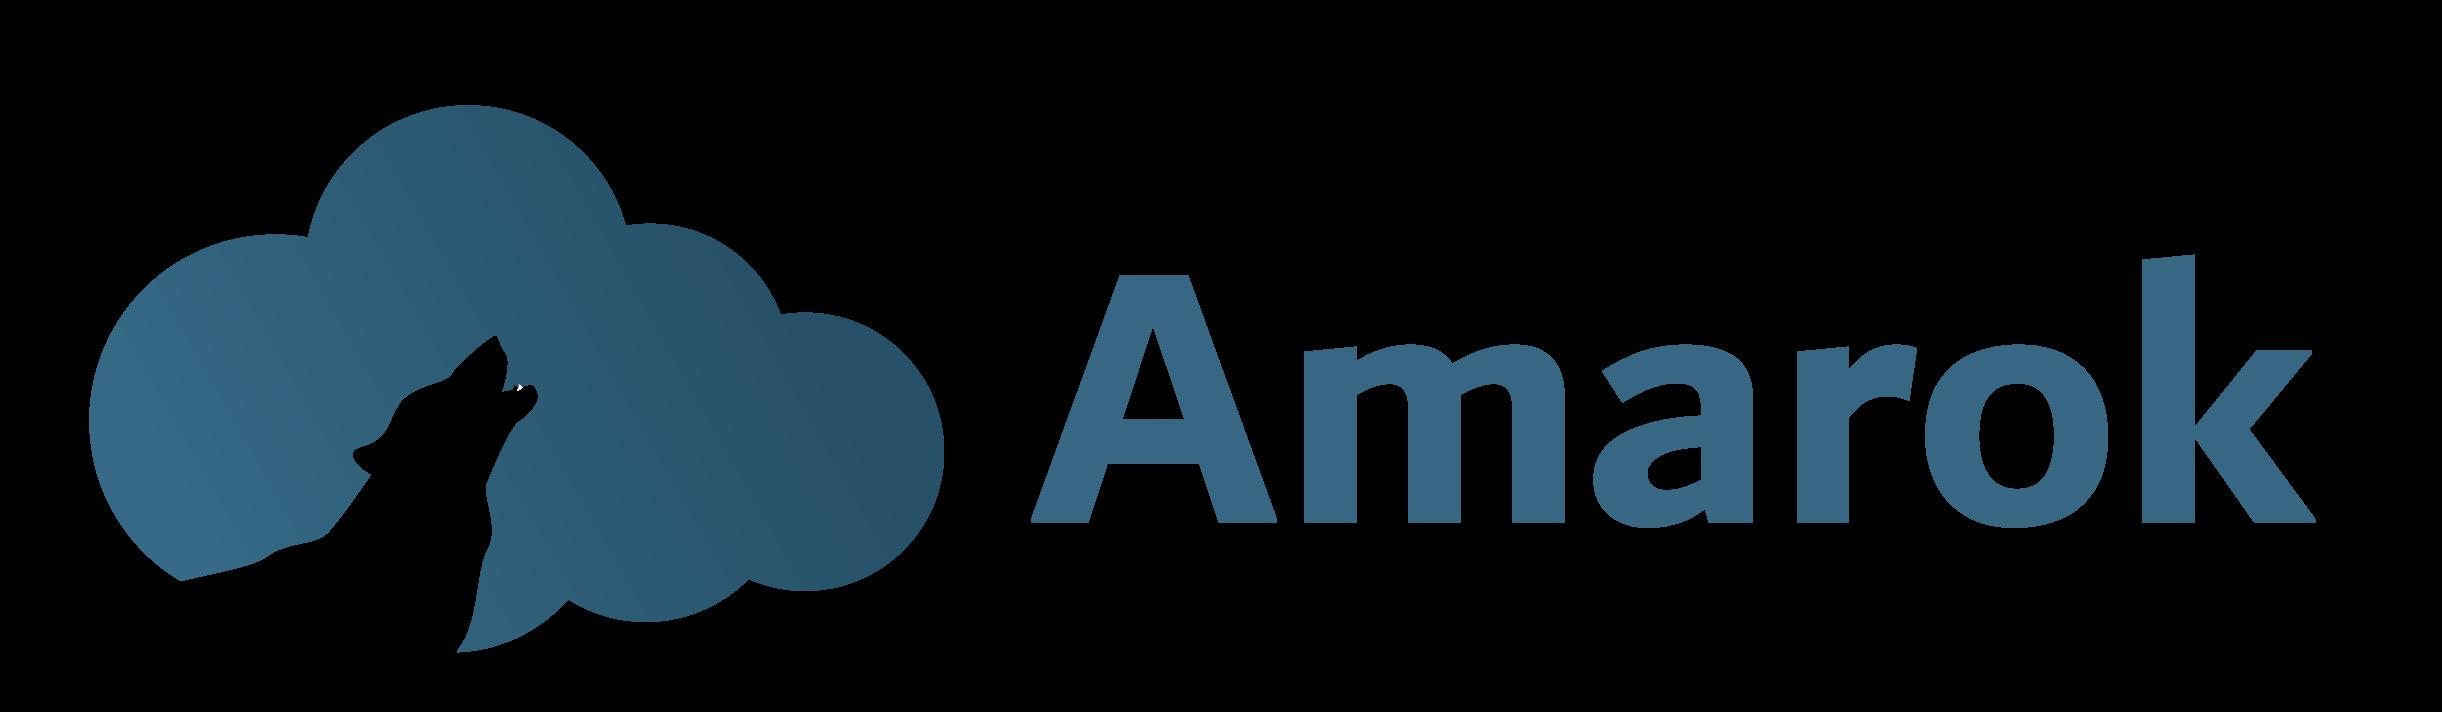 Amarok-2